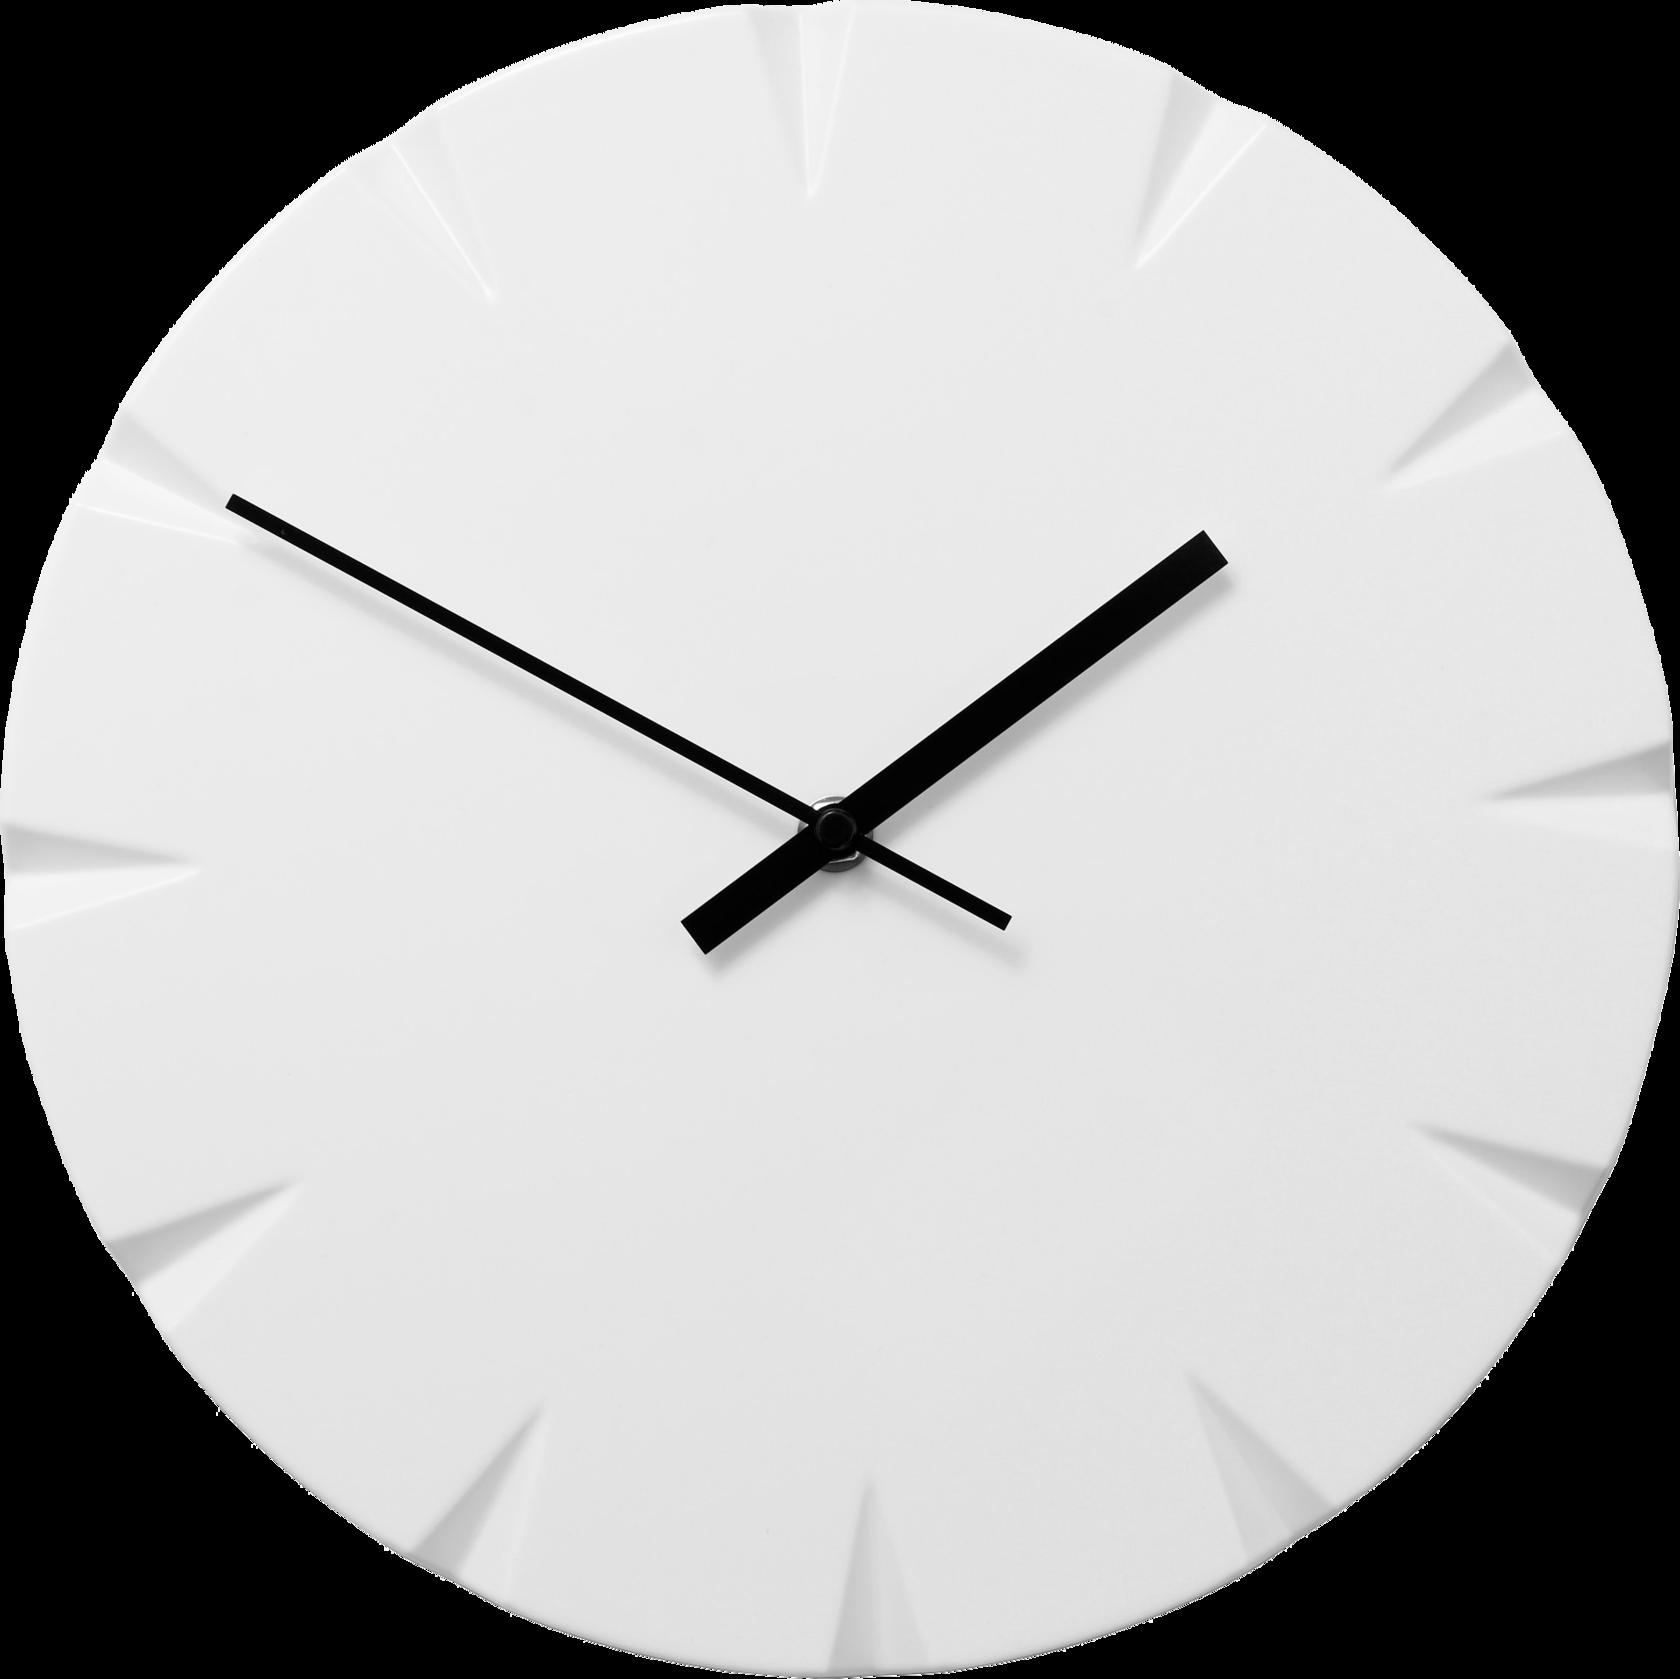 Среднее время изучения блока 7 минут